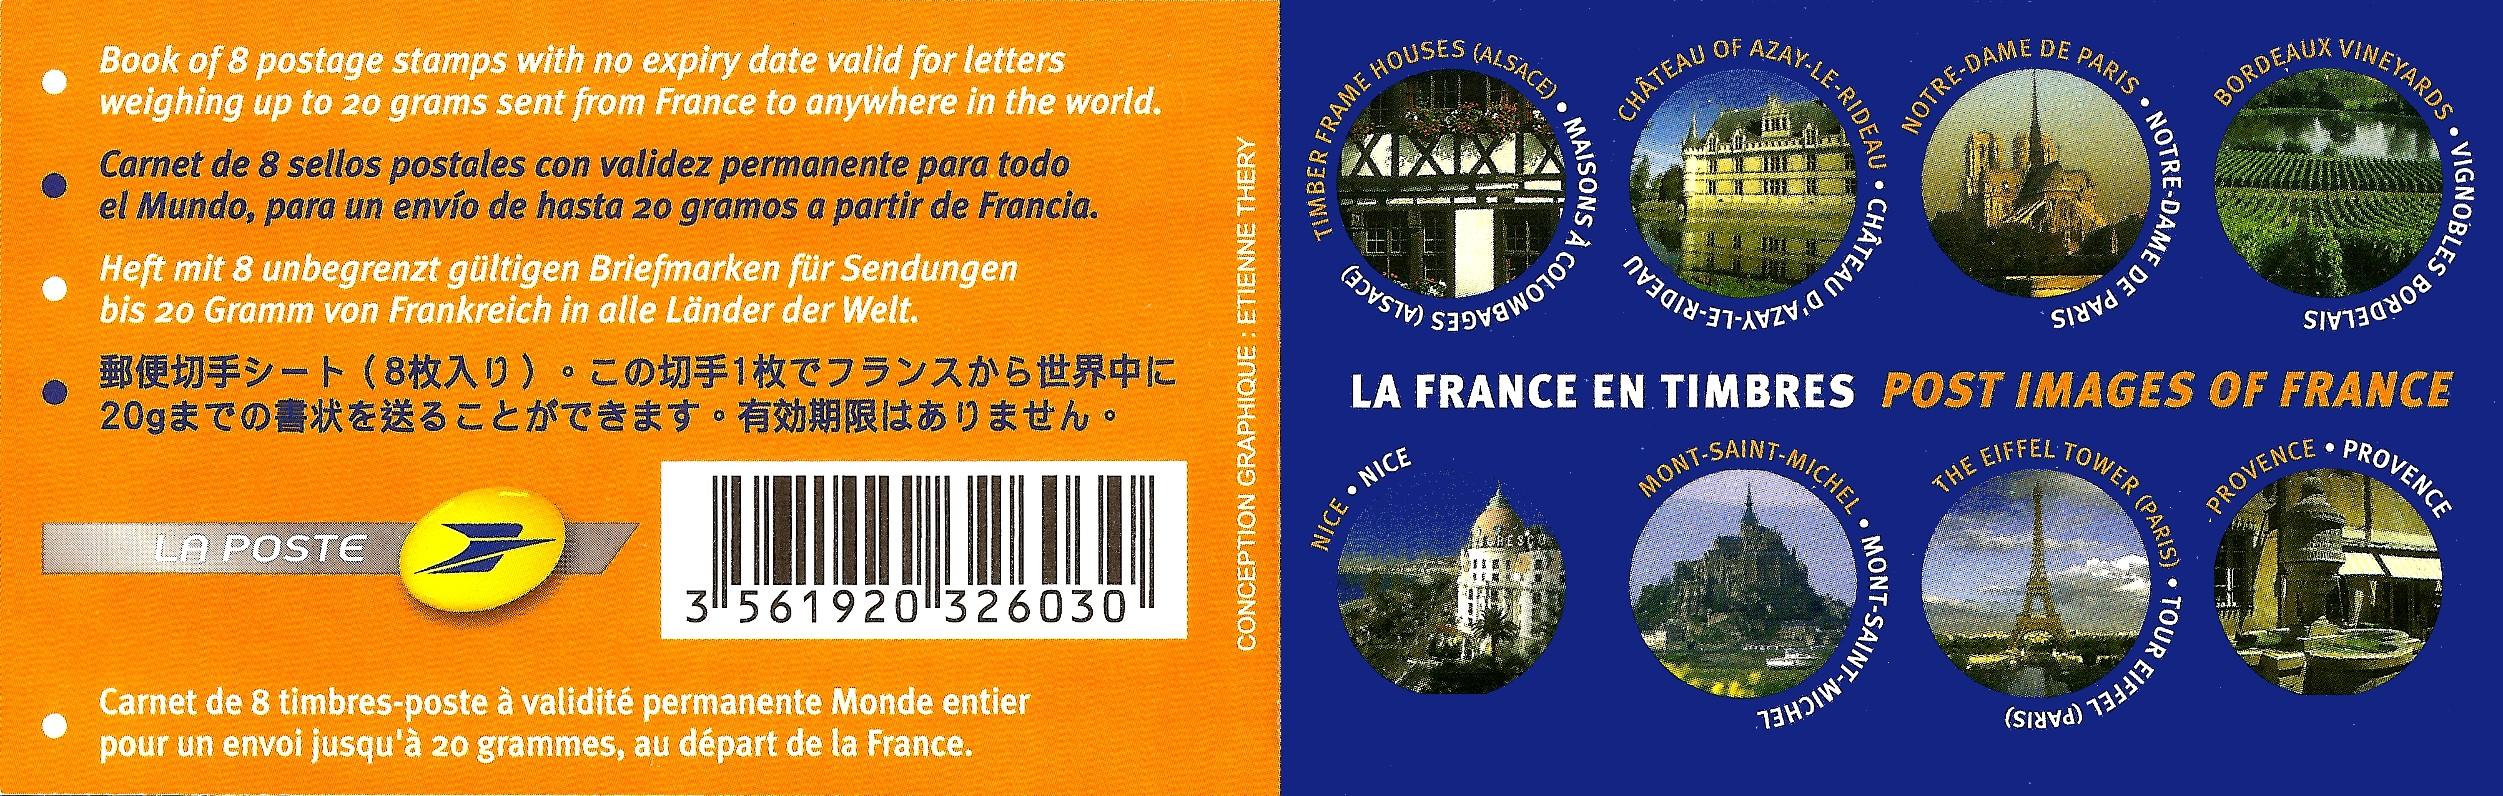 CARNET composé de 8 timbres poste autocollants illustrés